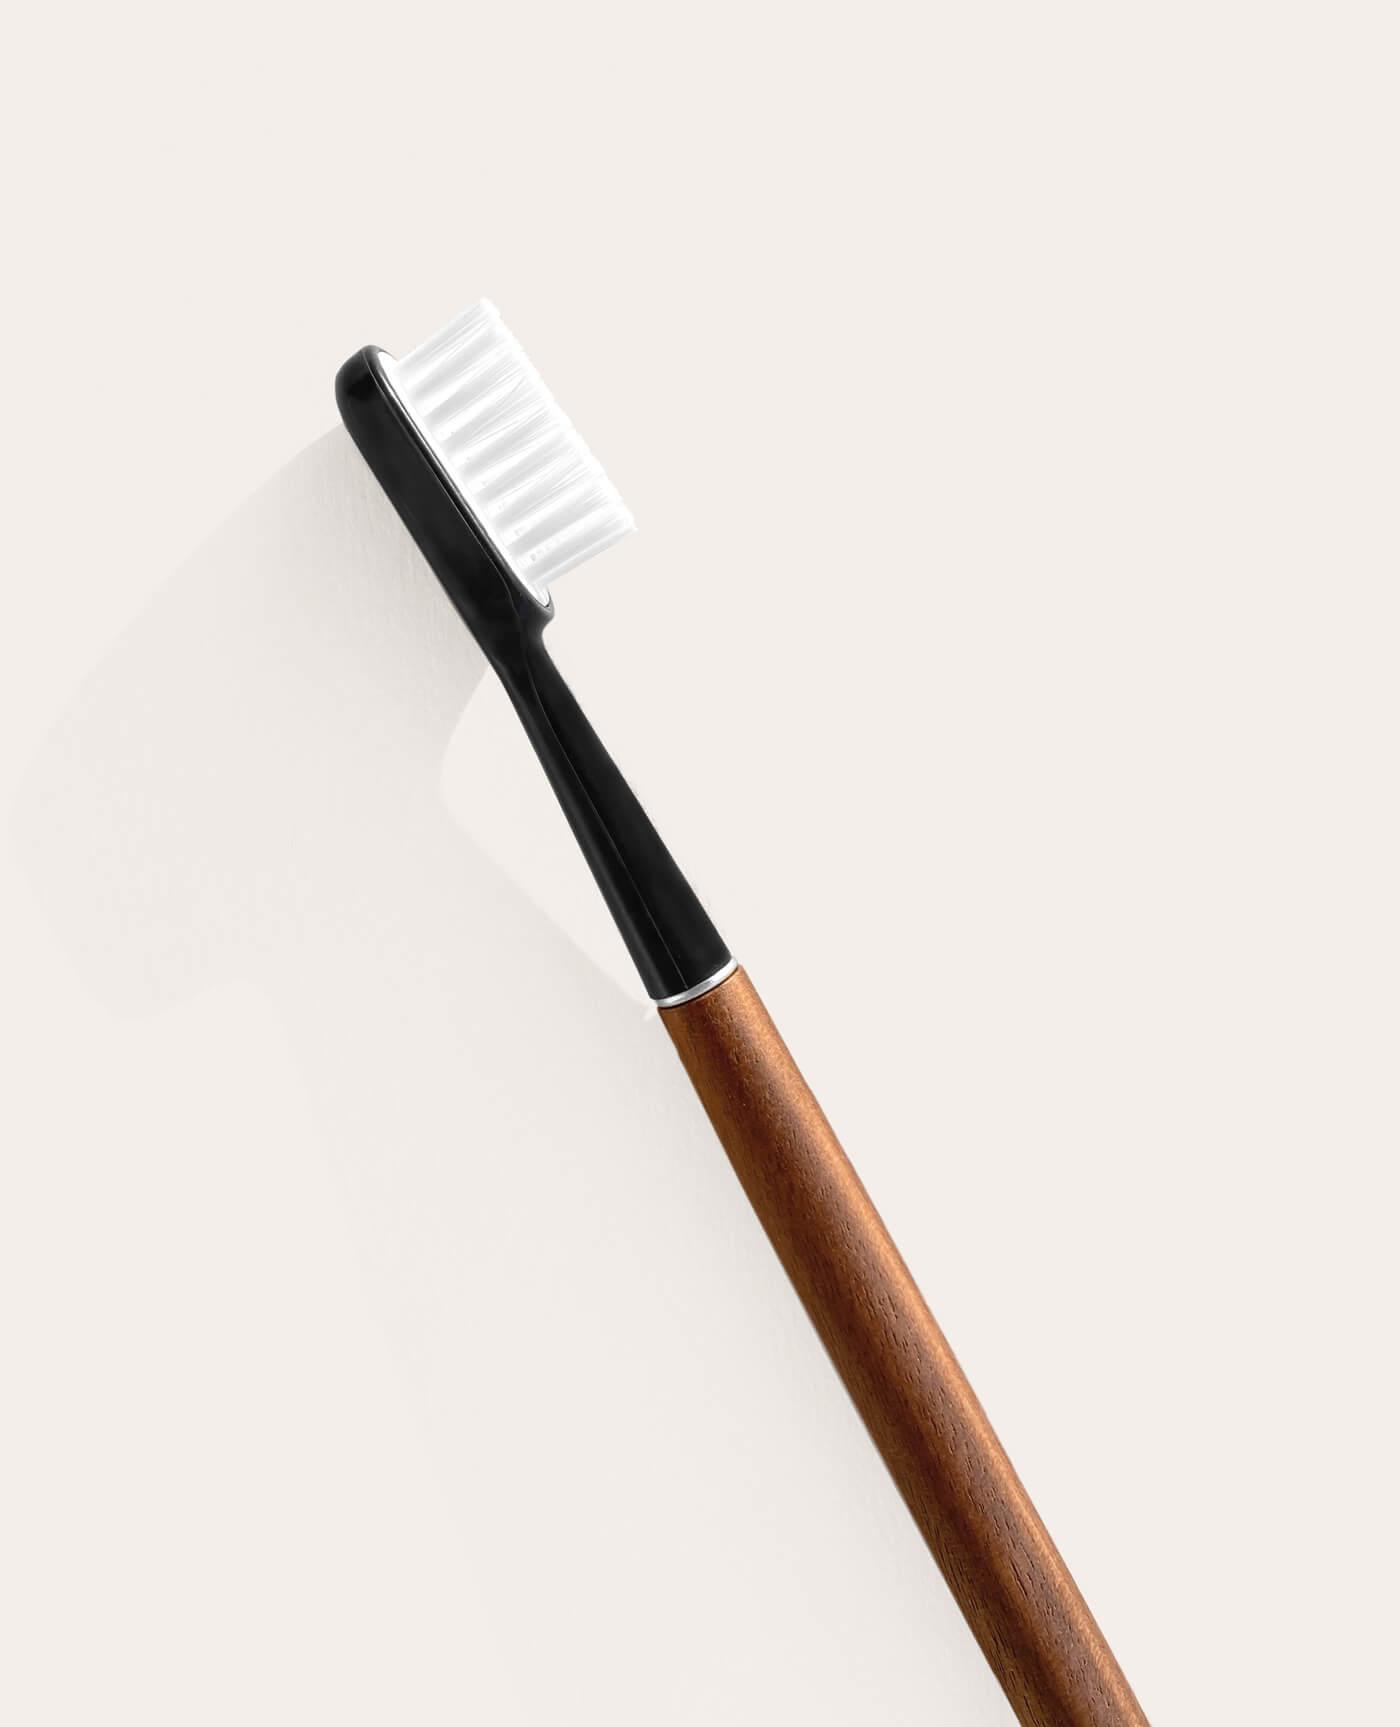 Brosse à dents rechargeable en noyer avec tête amovible de la marque Caliquo Made in France